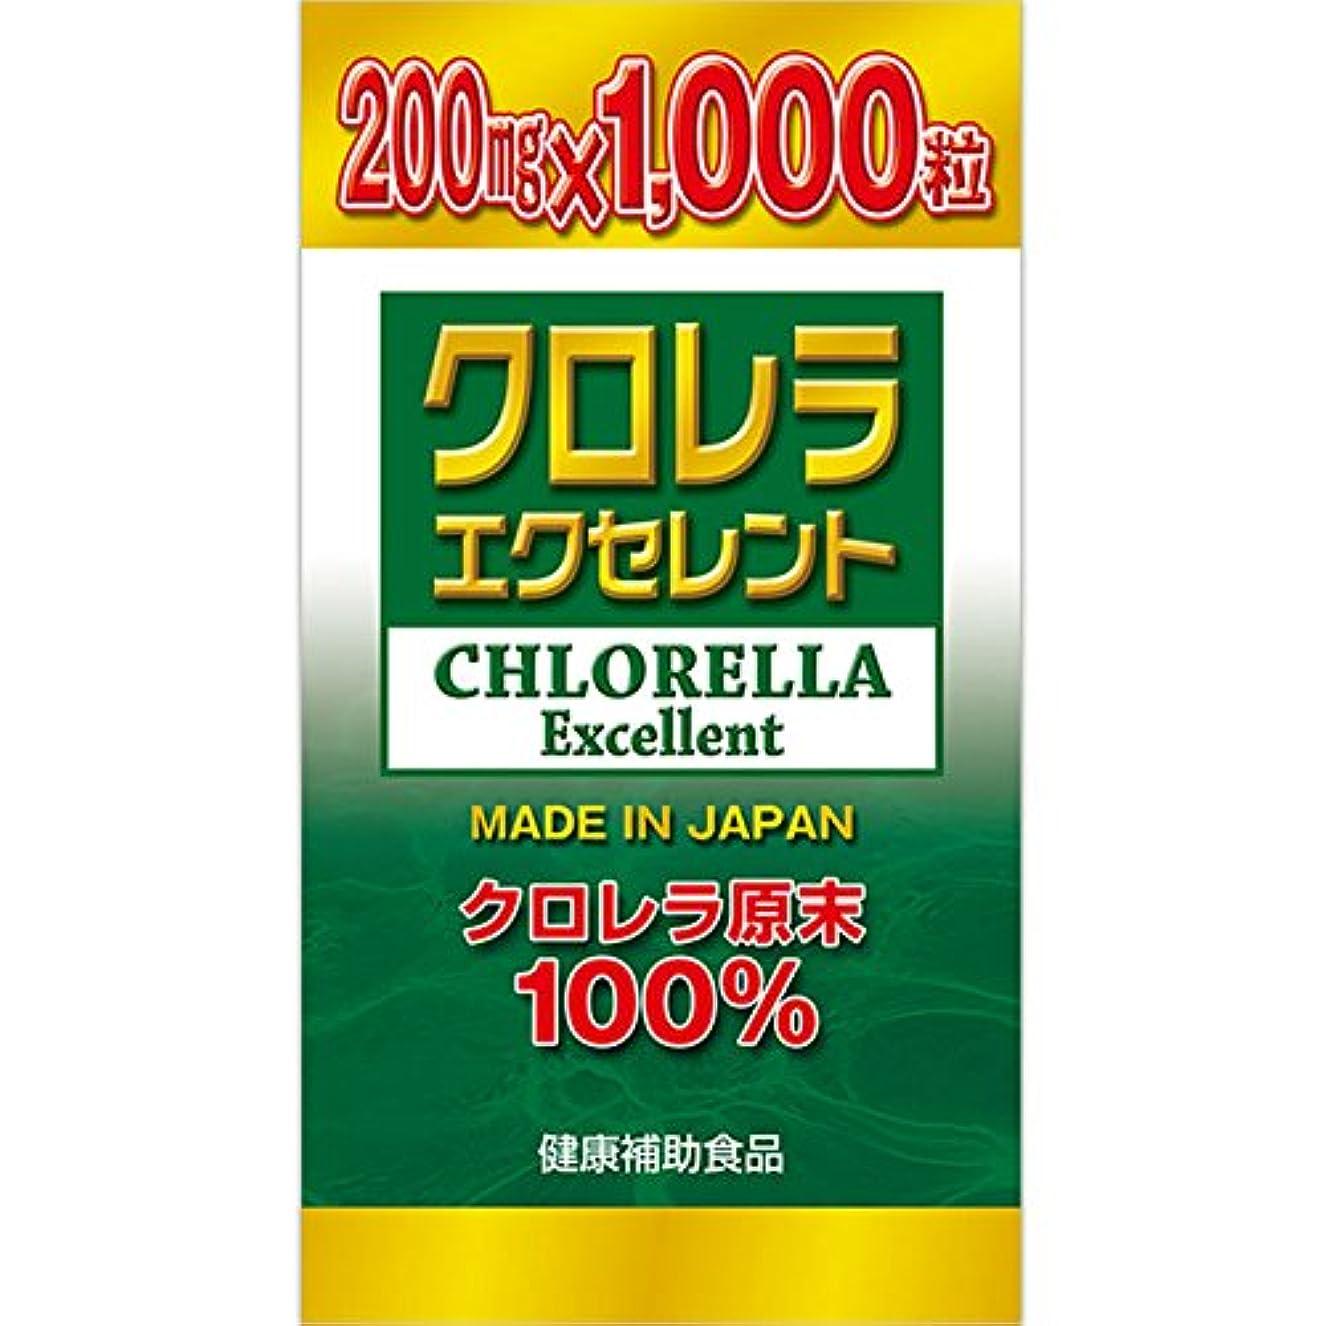 スケジュールこどもの宮殿統計ミヤマ漢方製薬 クロレラ エクセレント 1000粒